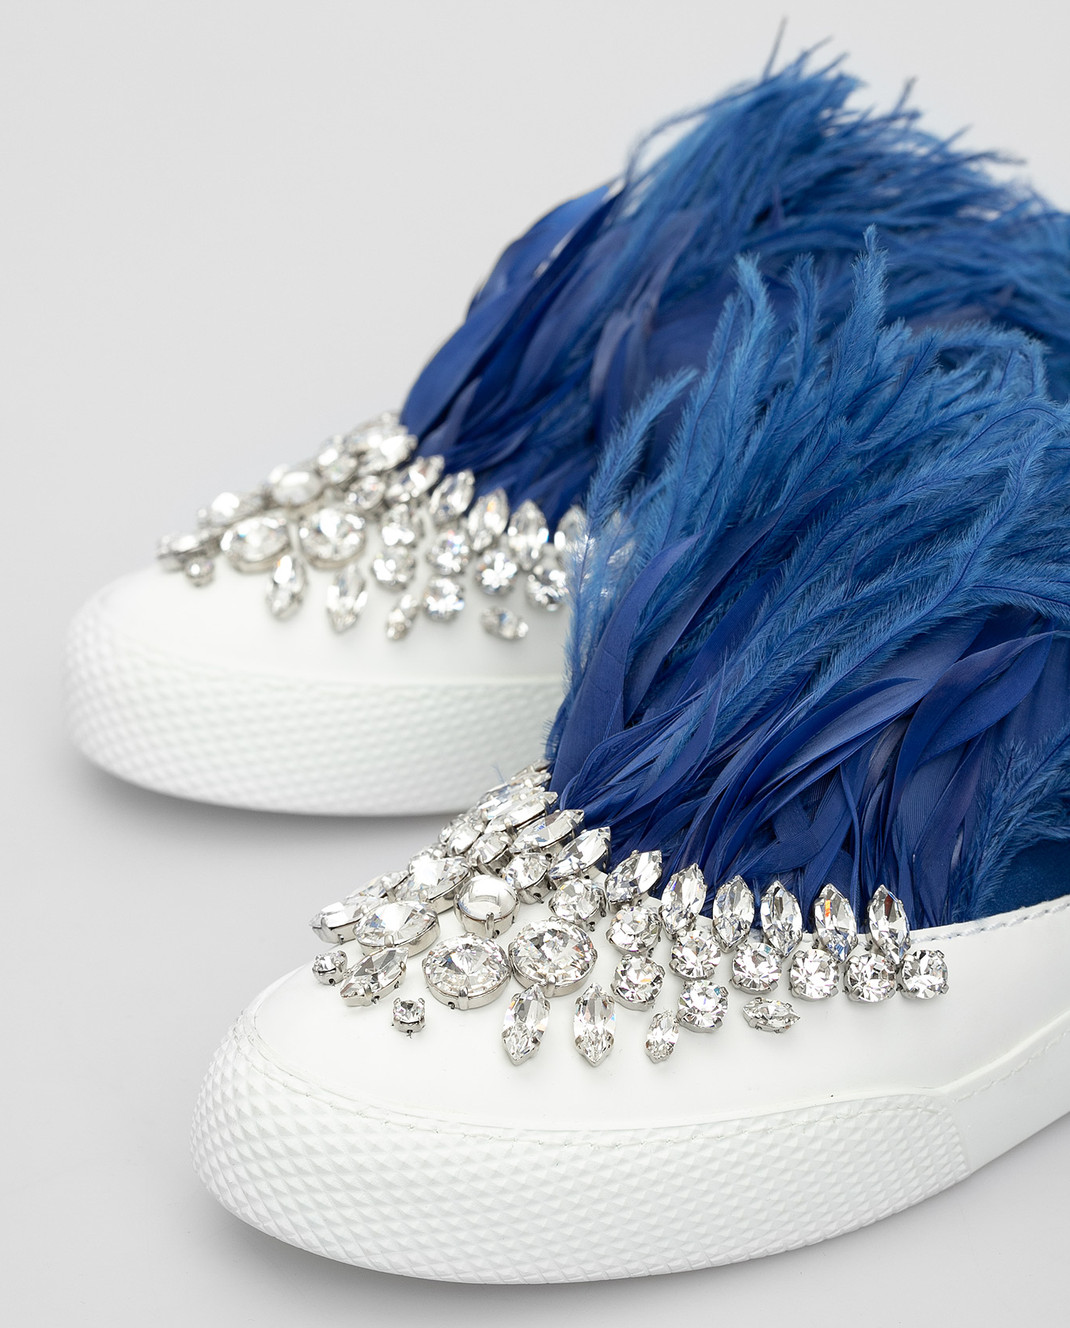 Miu Miu Синие слипоны с кристаллами и перьями из страуса 5S926A3J2W изображение 5